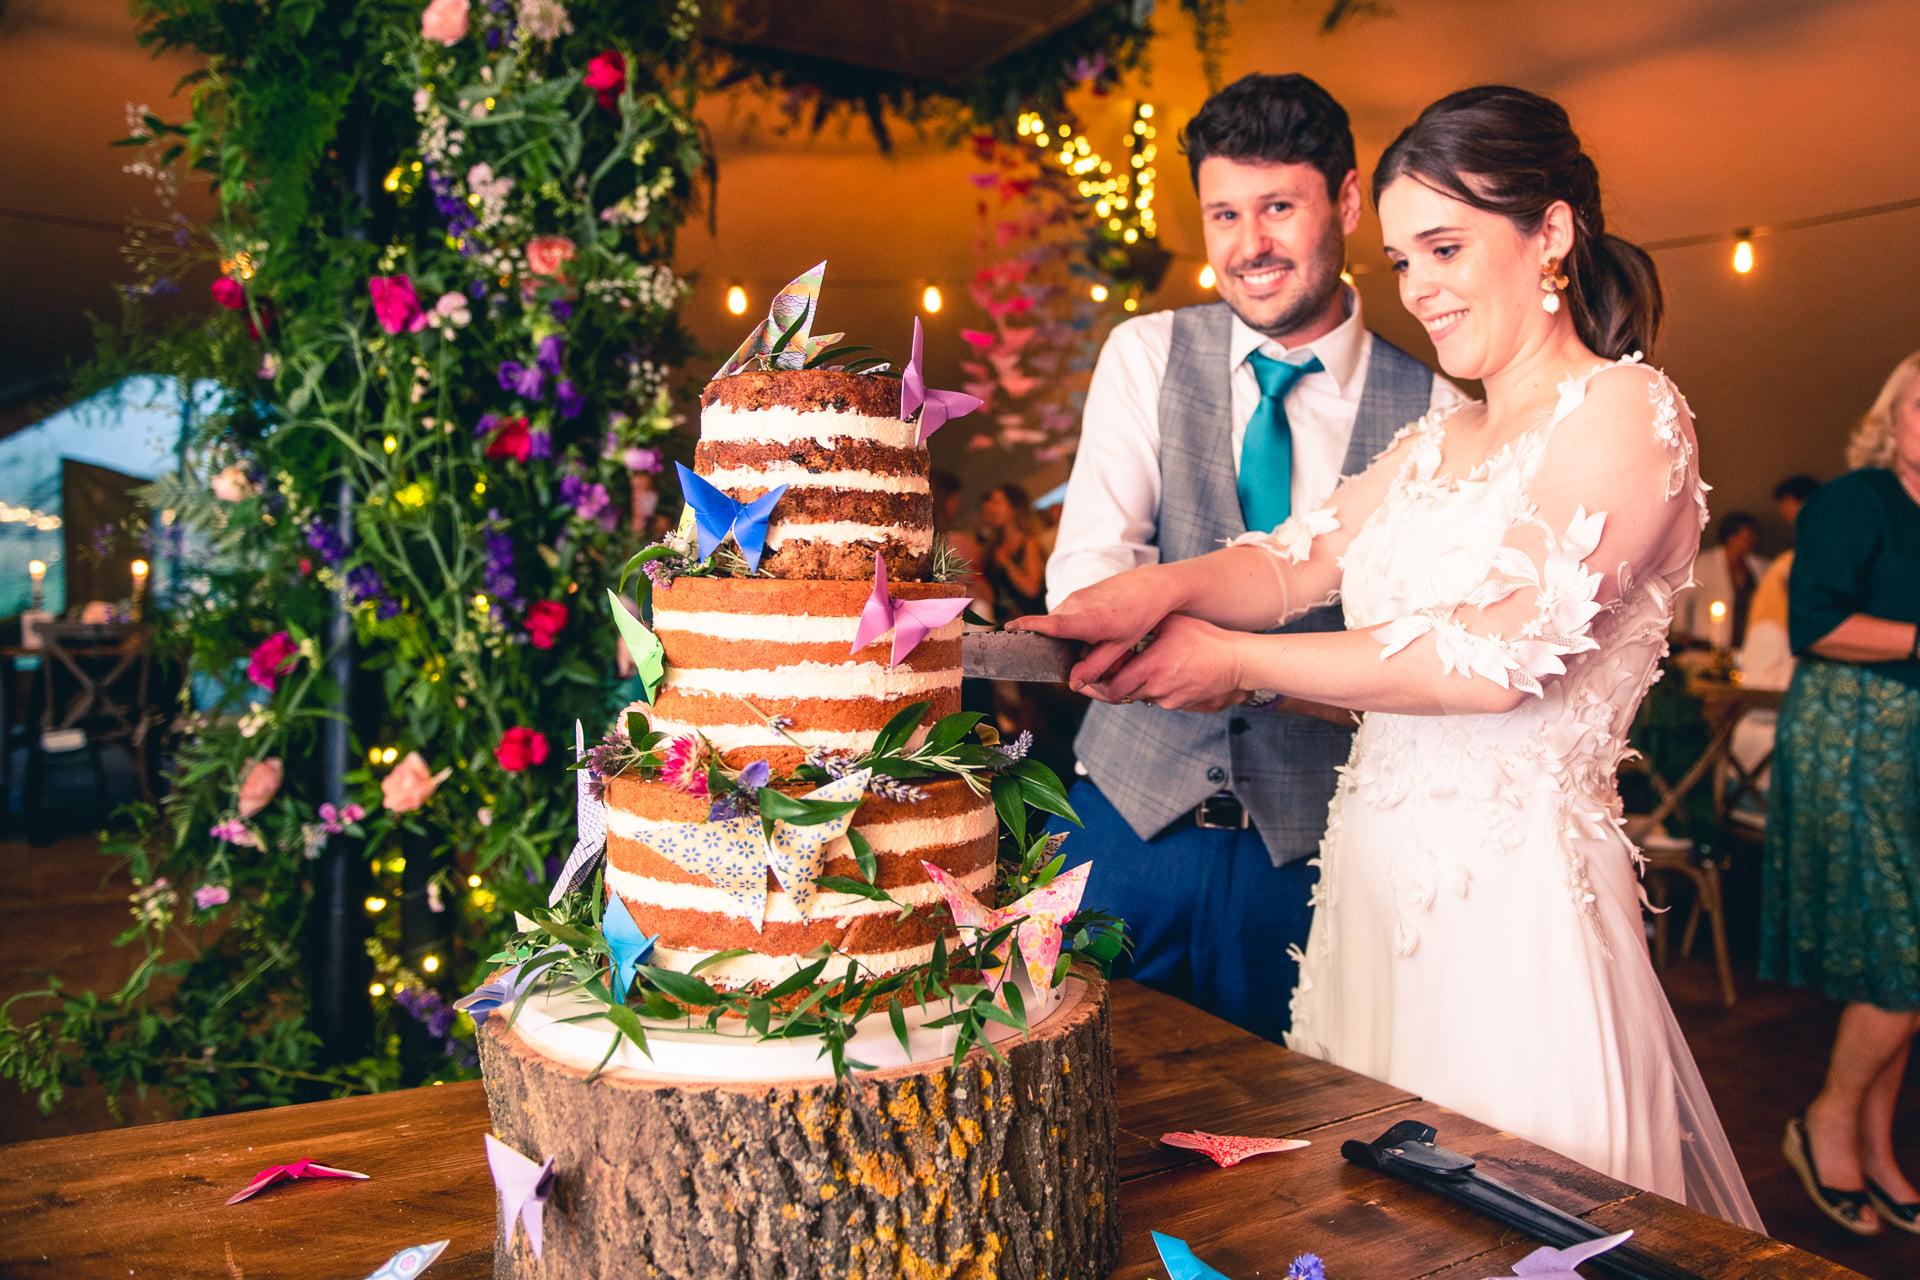 oaktree farm weddings - nottingham outdoor wedding venue - field wedding - marquee wedding 1- cutting the wedding cake